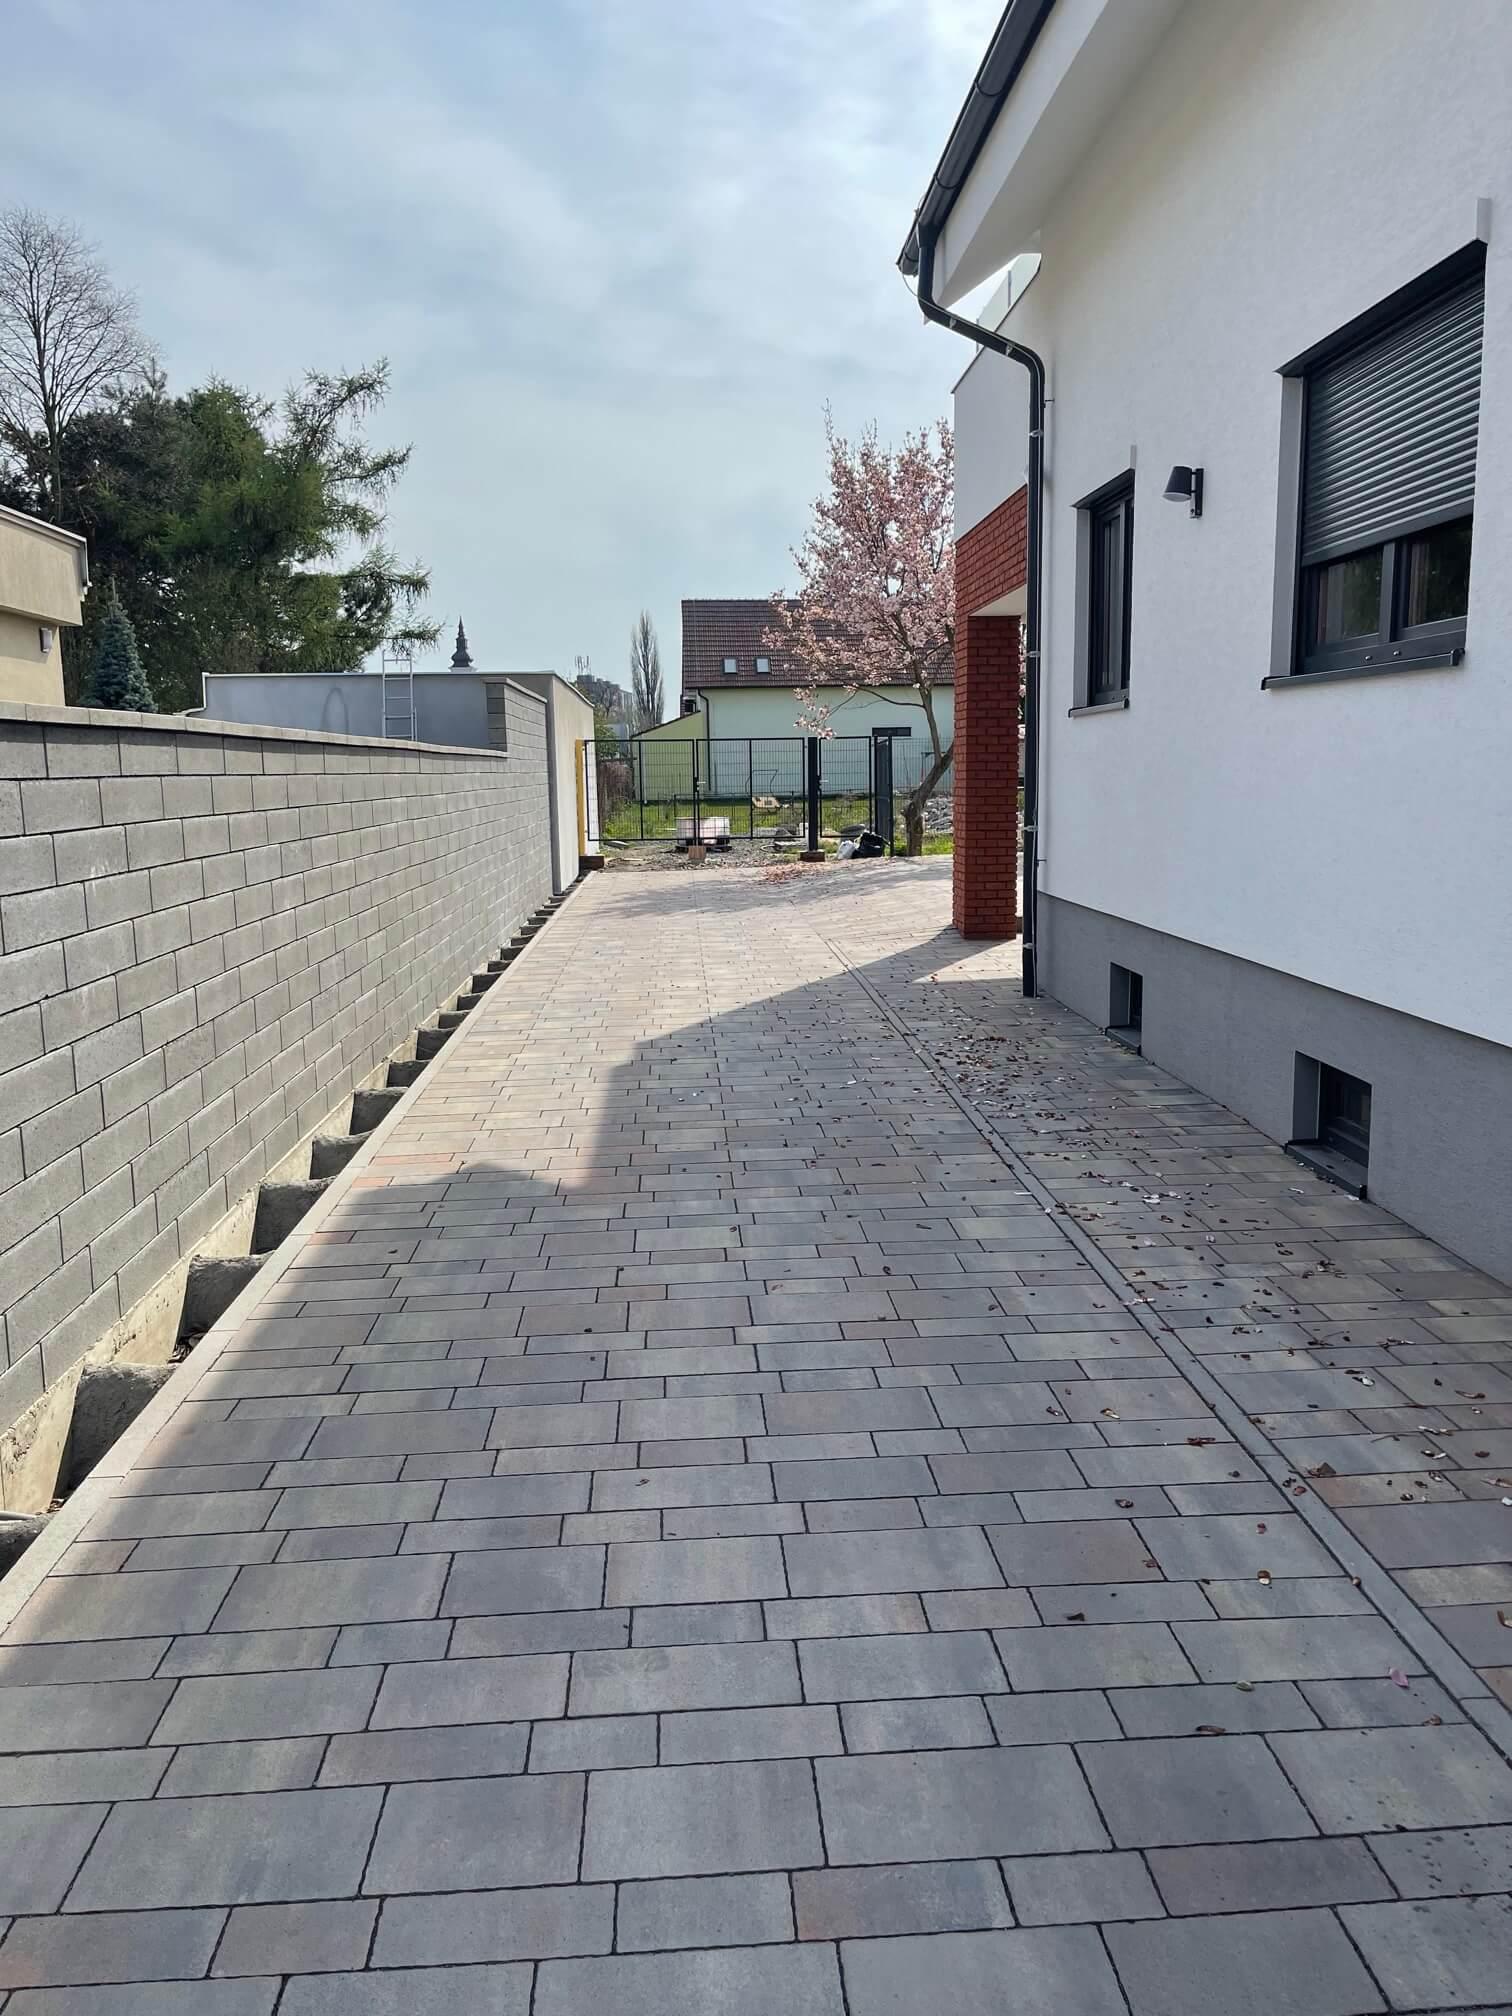 Stavebný pozemok, na výstavbu, Všetky siete, Malacky, Kukučínová ulica, 1037m2-17